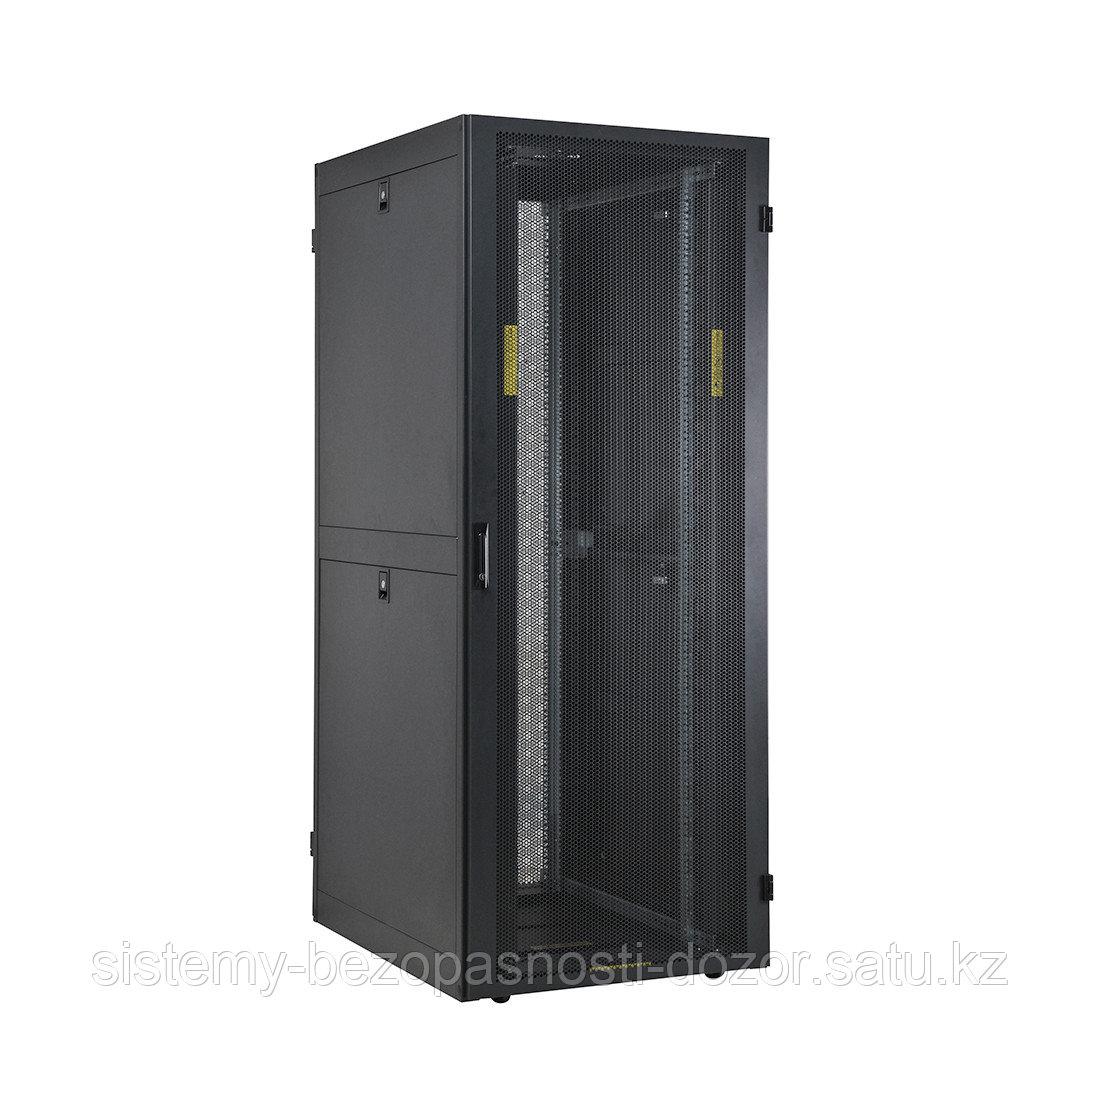 """Шкаф серверный, Ship, VE серия, 19"""" 42U, 800*1000*2000mm, чёрный"""